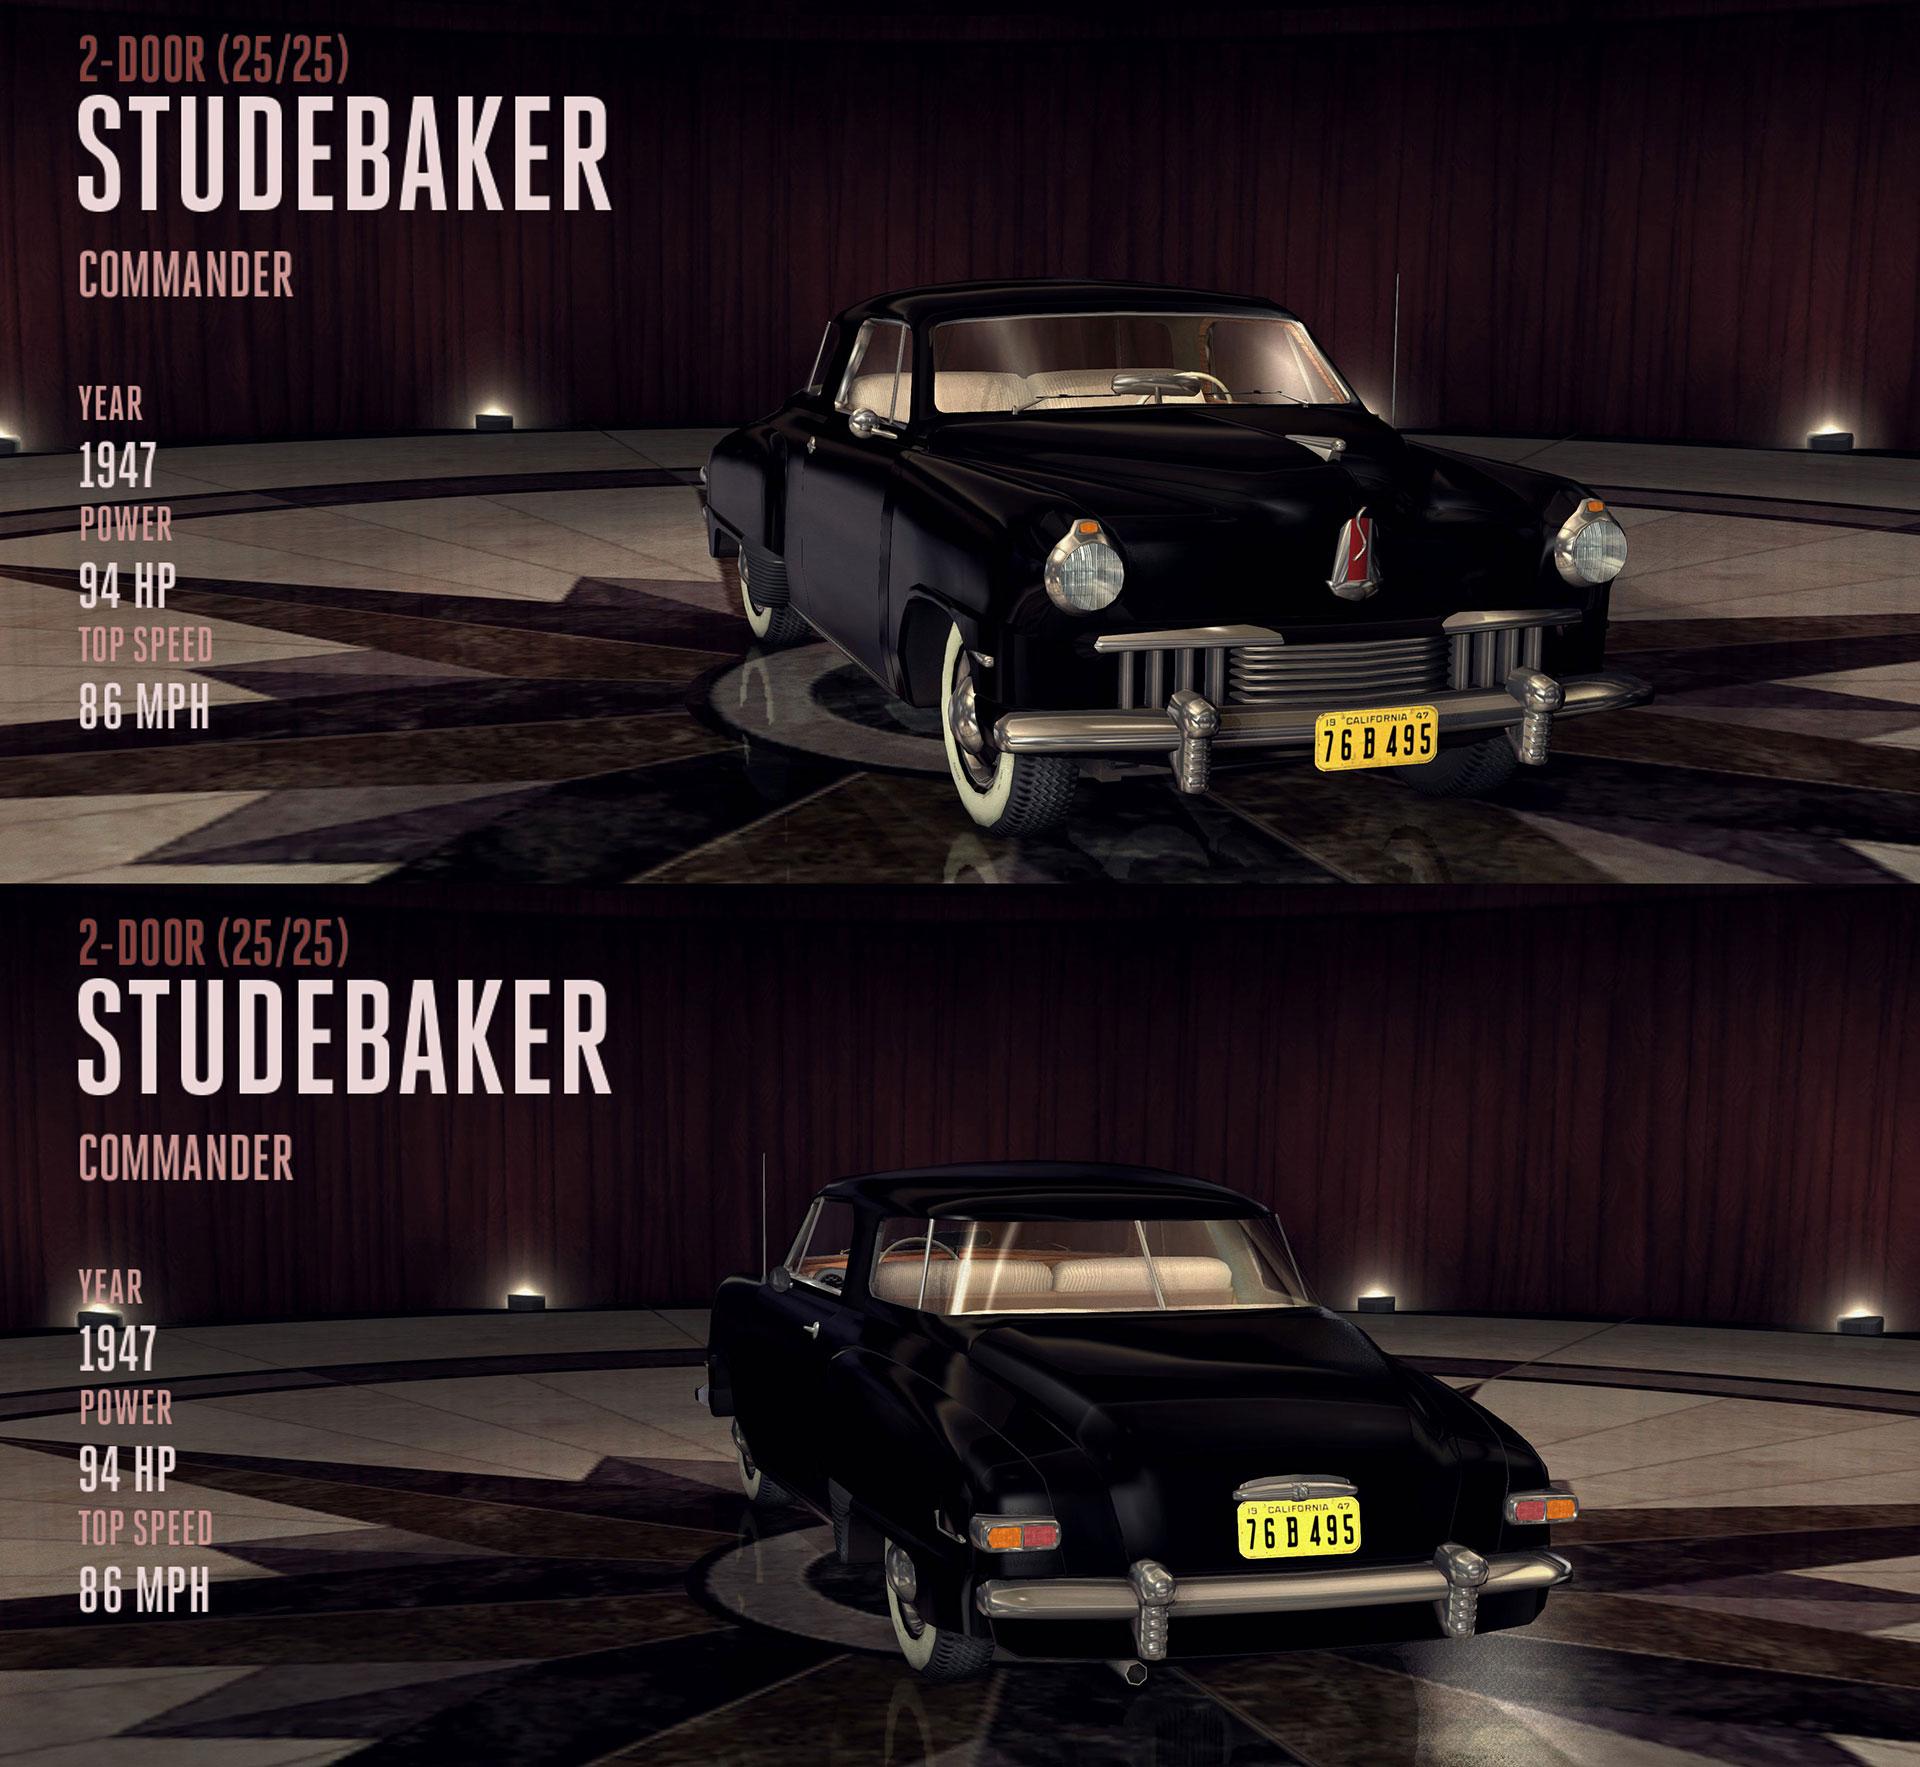 File:1947-studebaker-commander2.jpg